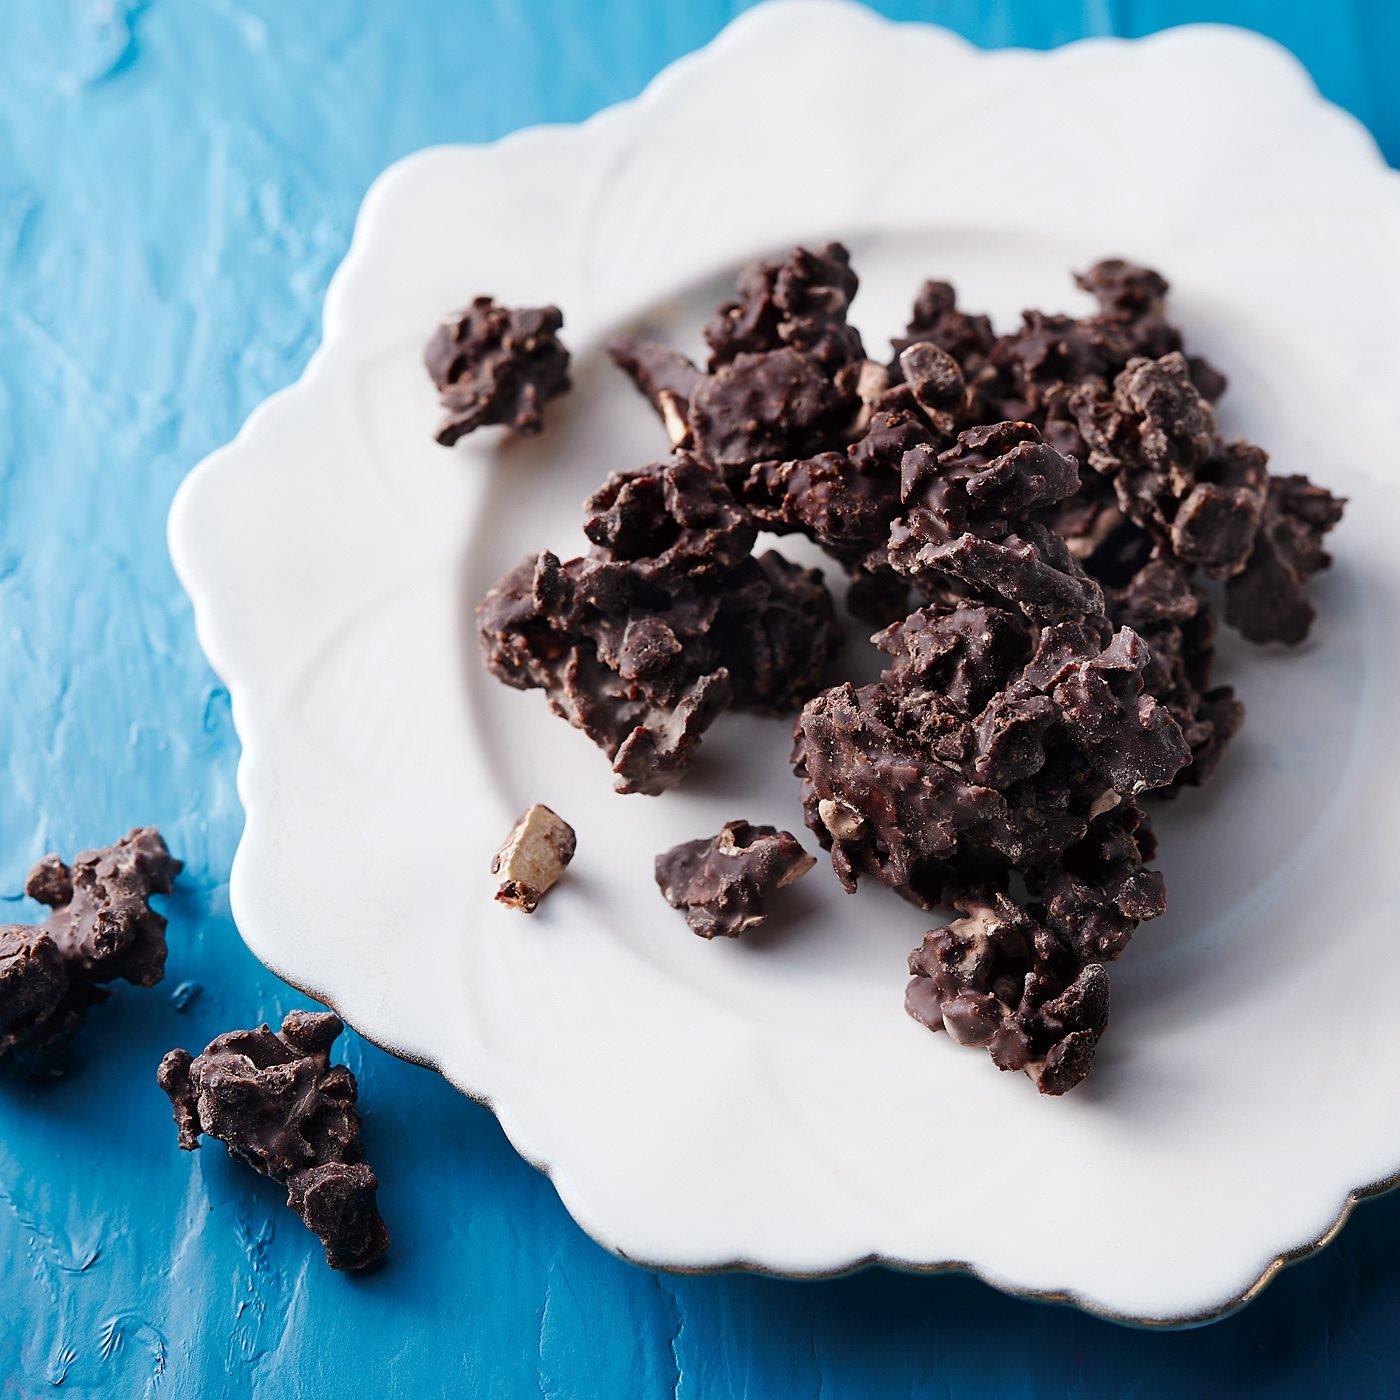 【3月お届け便】グルモンド アーモンドクロカント チョコレート